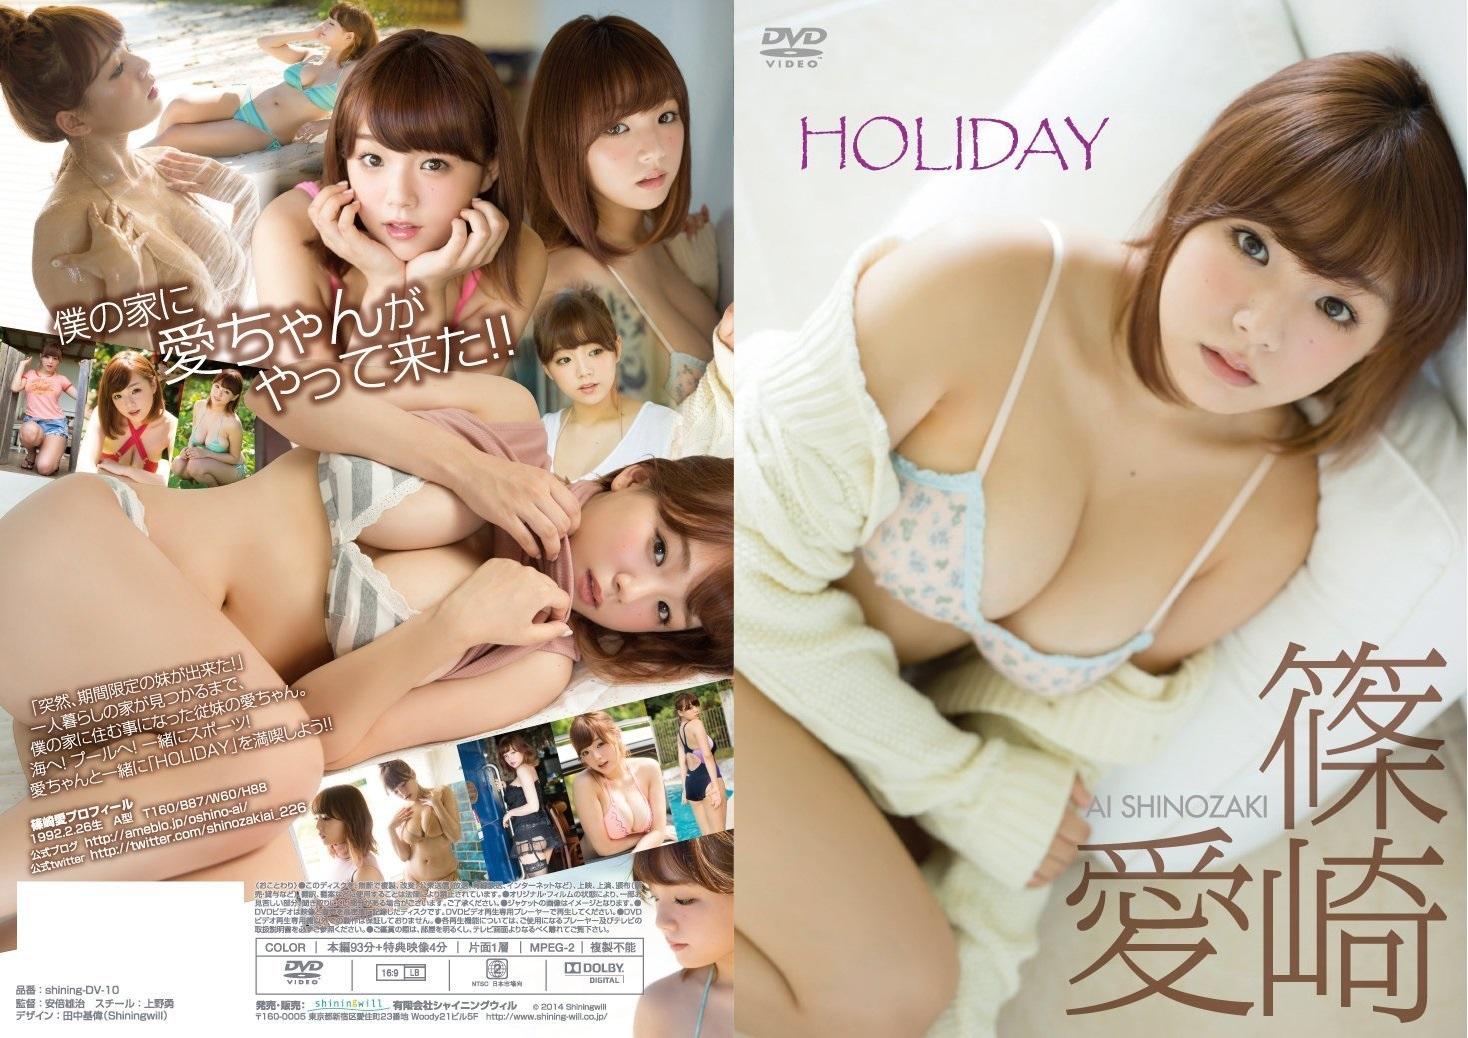 [shining-DV-10] Ai Shinozaki 篠崎愛 – HOLIDAY